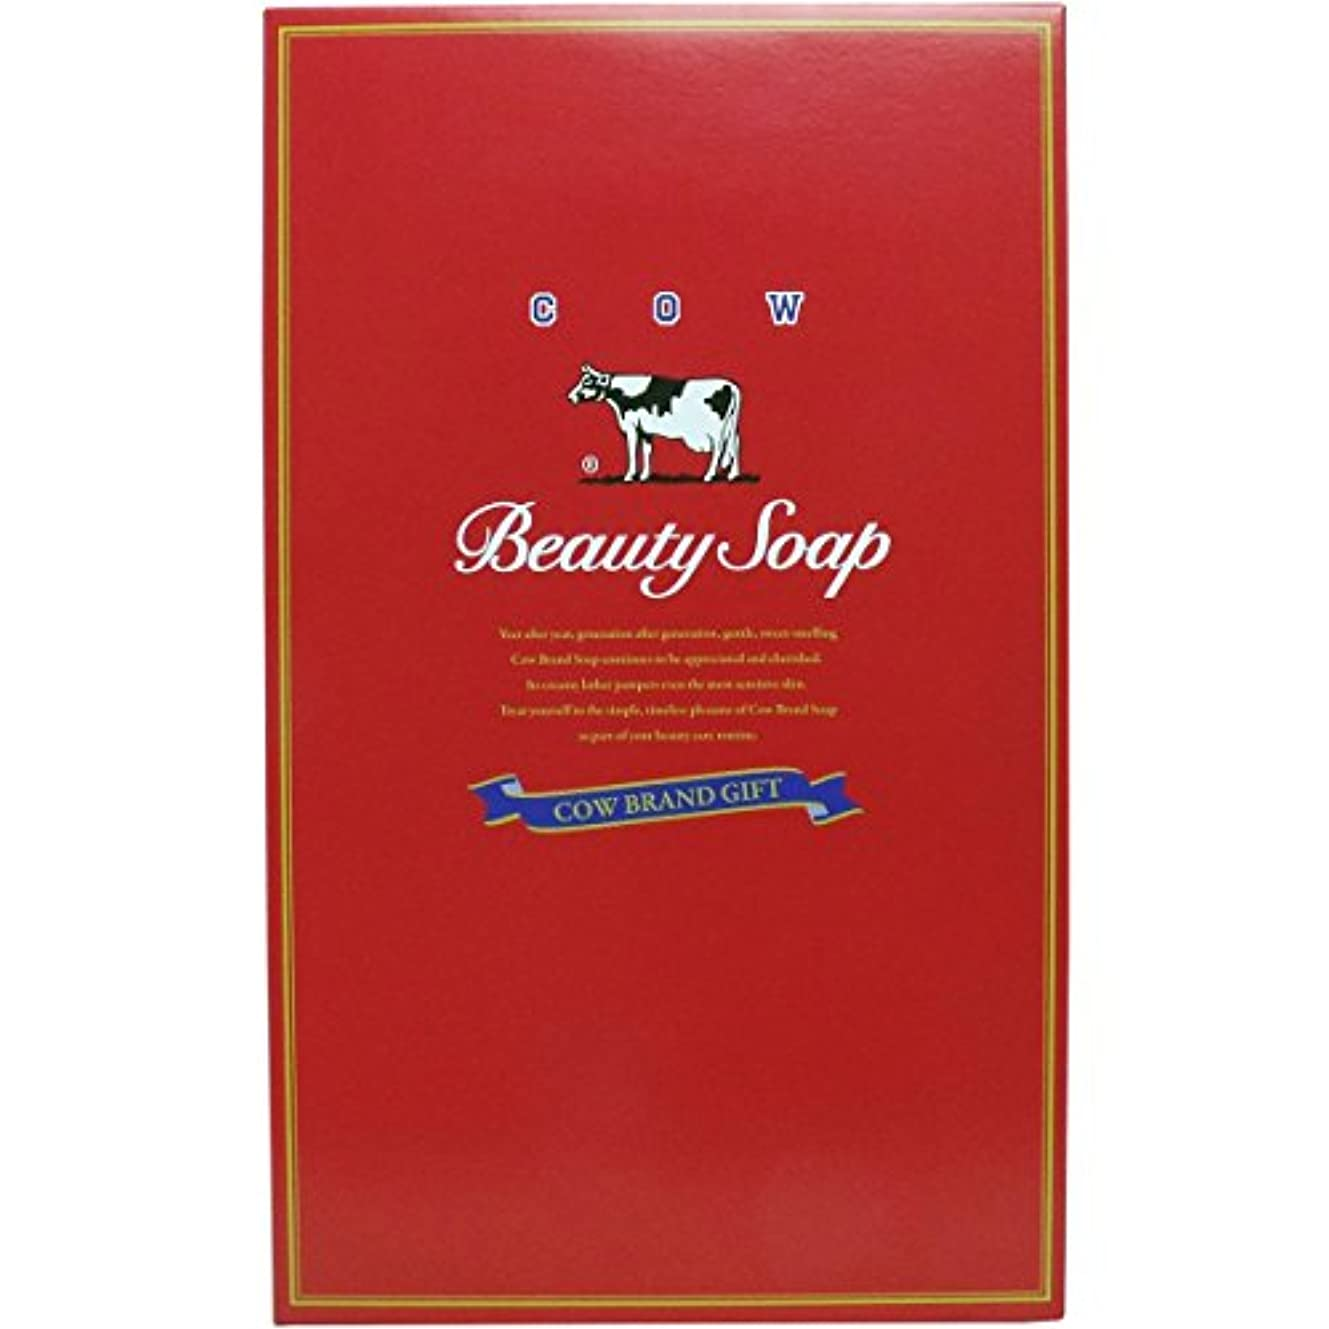 答え統計的バックグラウンド牛乳石鹸共進社 カウブランド石鹸 赤箱 100g×10個×3箱